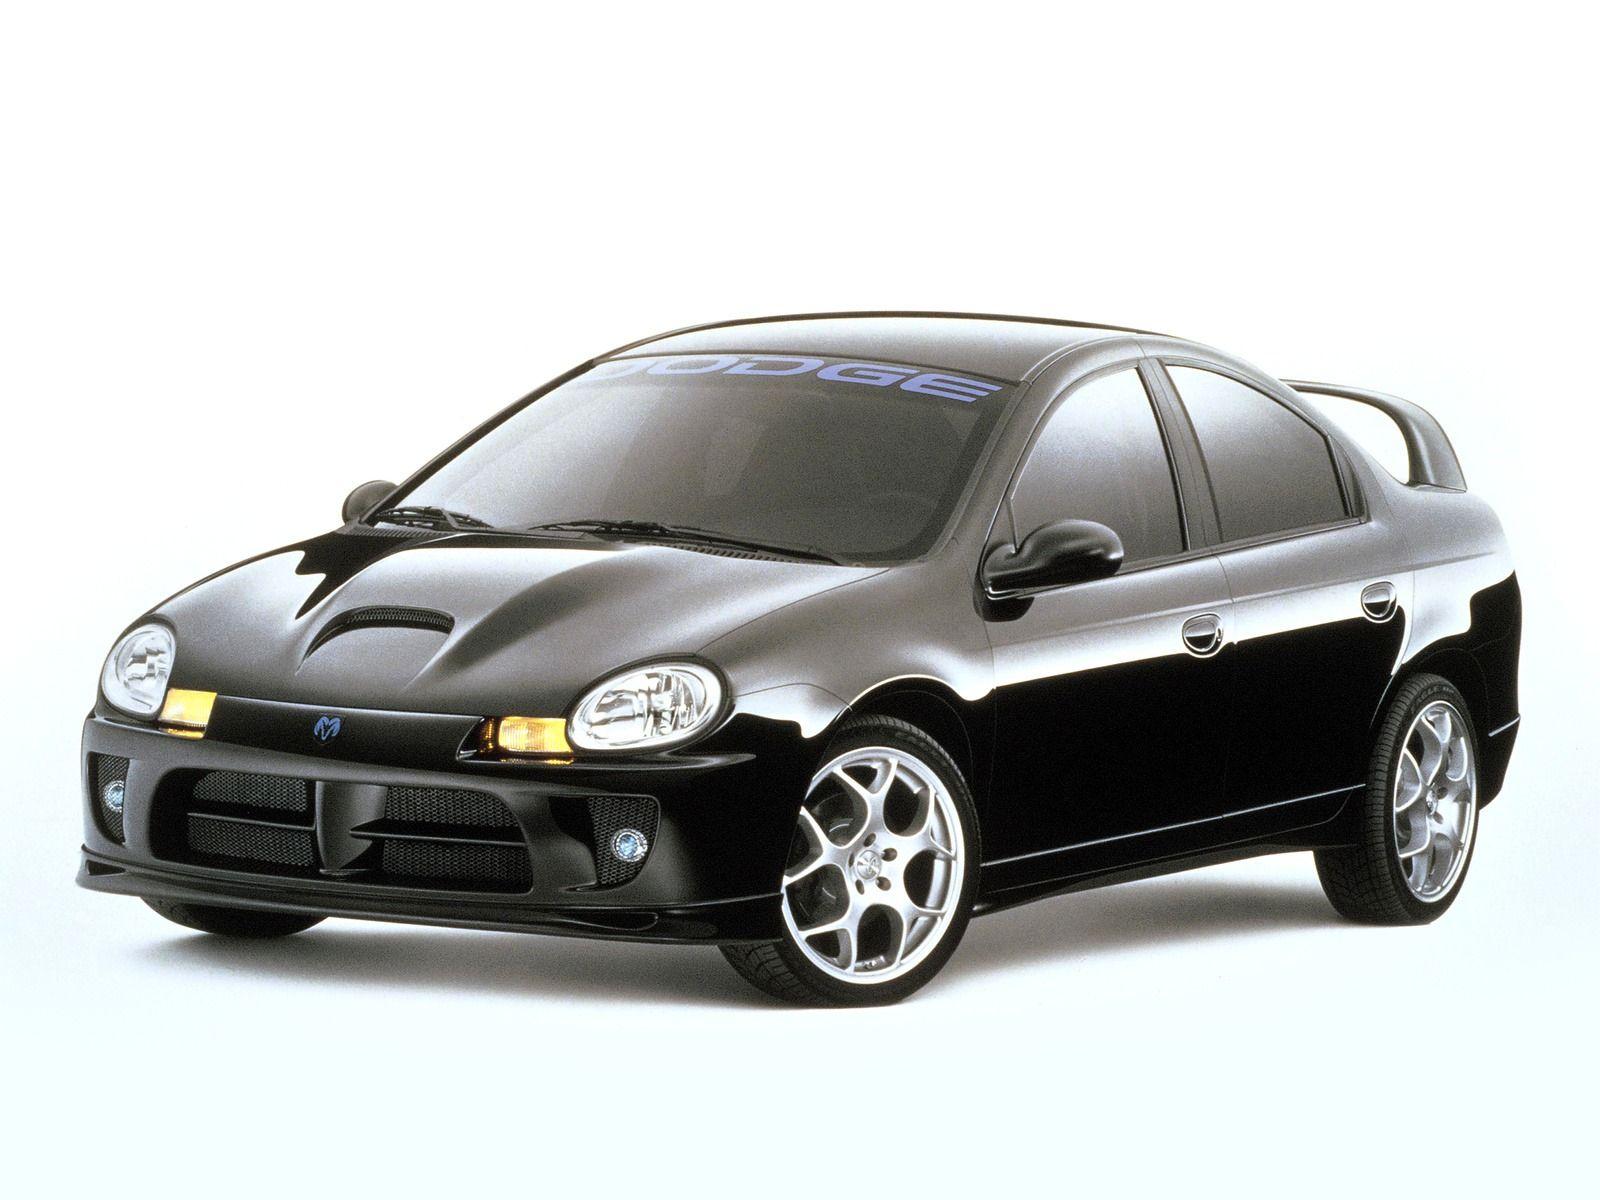 Dodge Neon Srt Concept 2000 Http Oldconceptcars Com P 6654